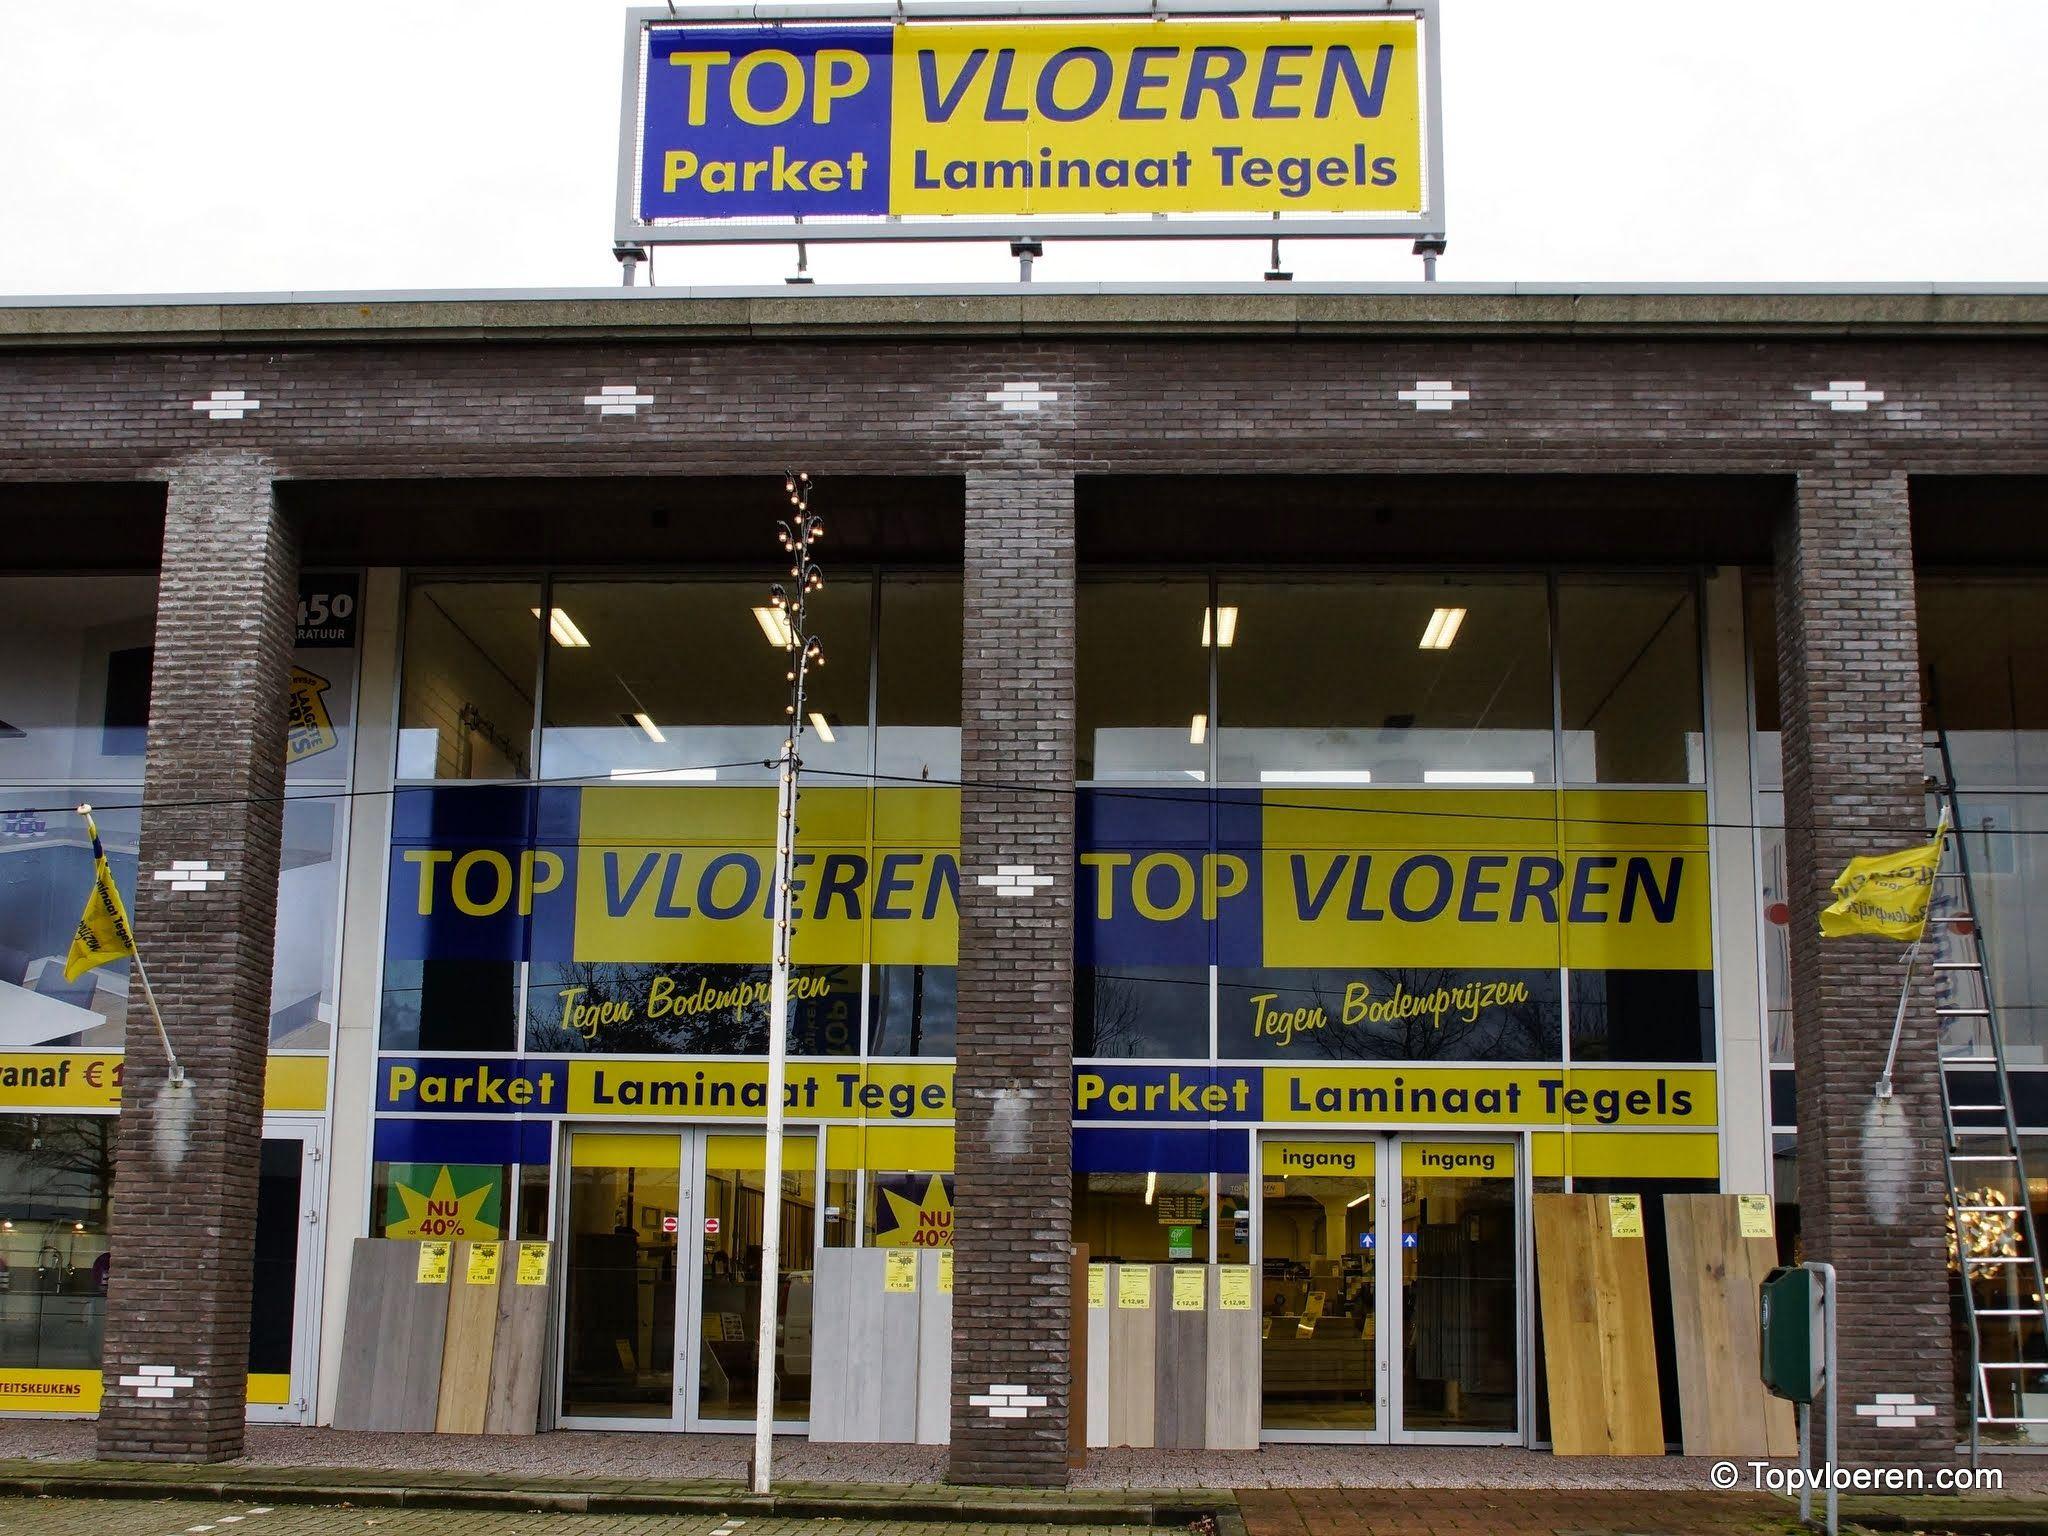 Top Vloeren Waalwijk : Topvloeren veenendaal. adres: groeneveldselaan 23 3902 ha in